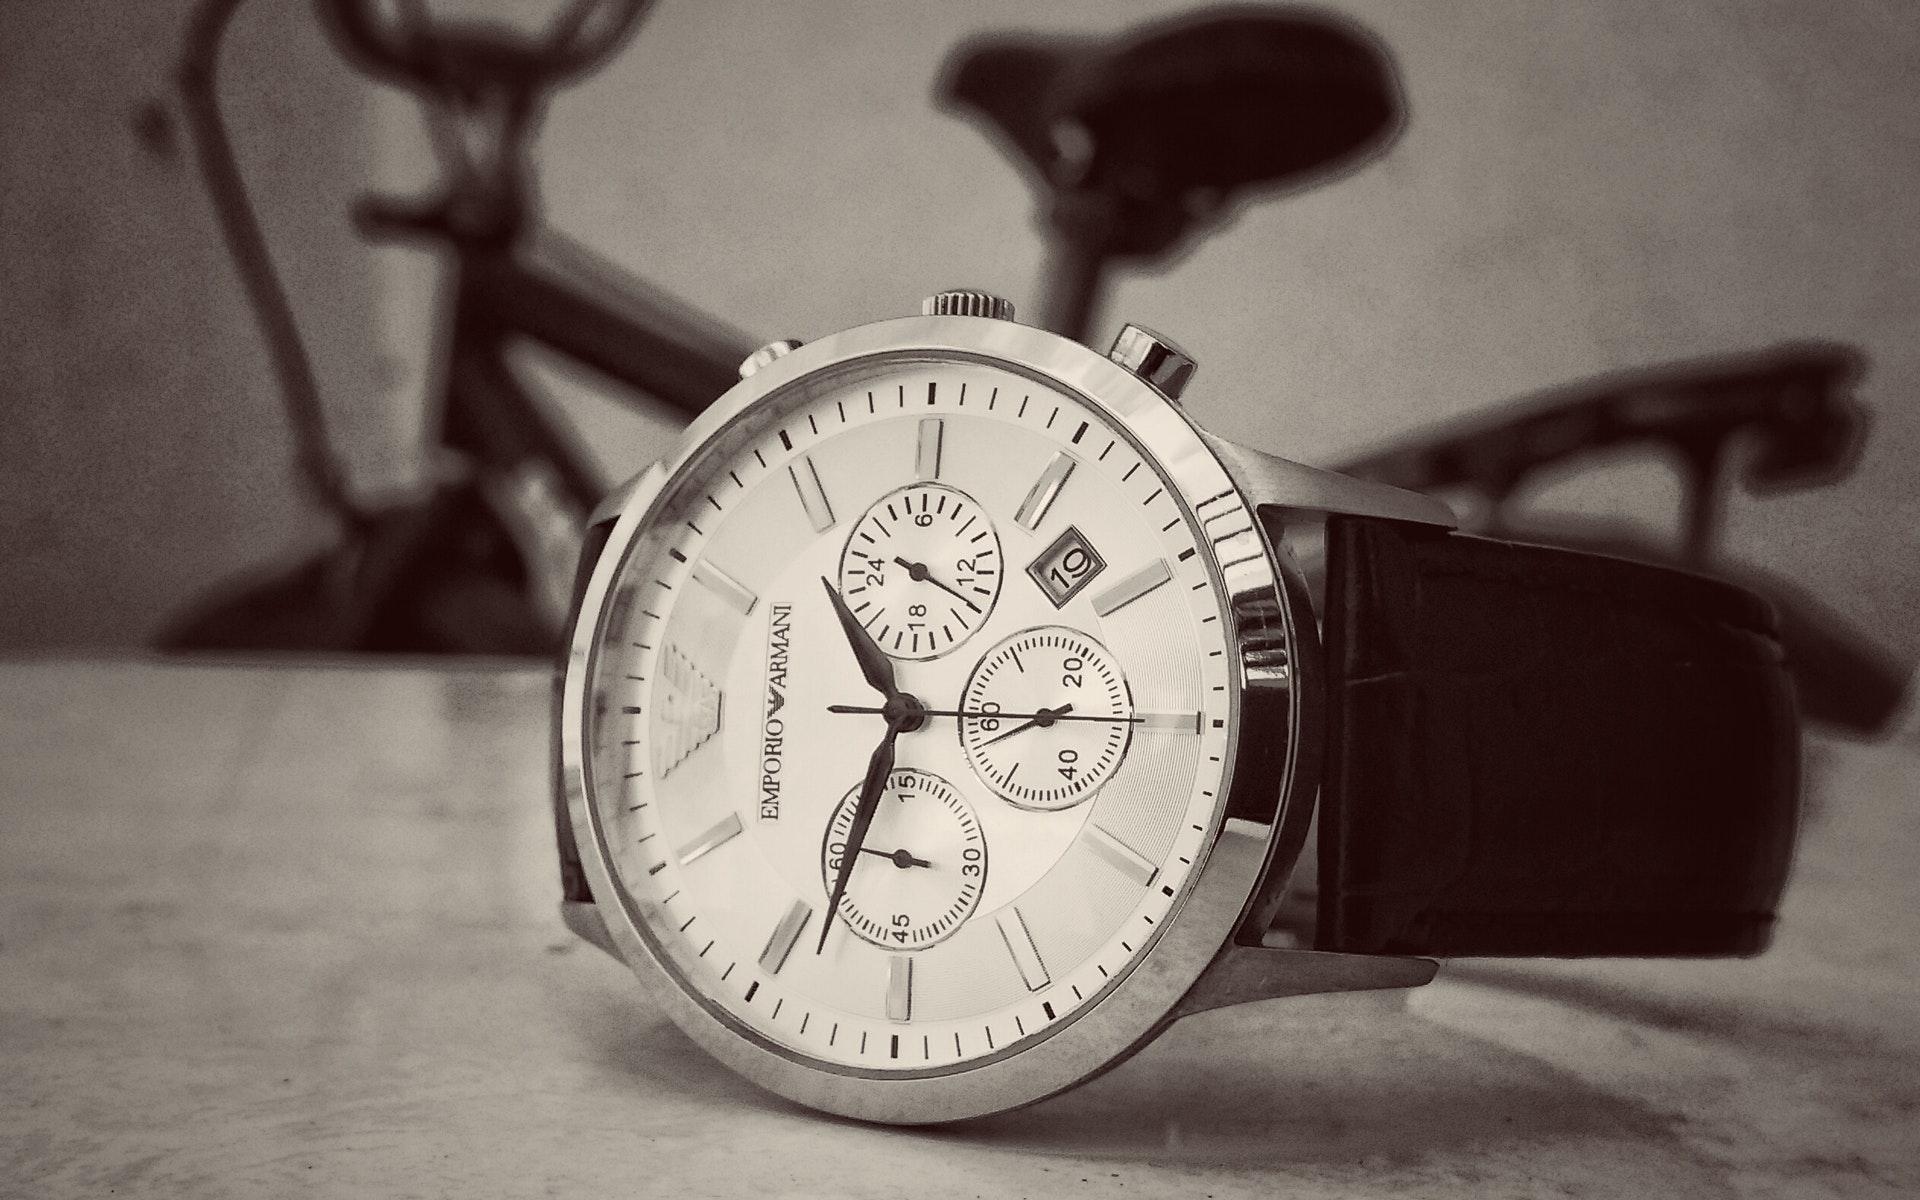 Top 5 Watches Brands in Pakistan